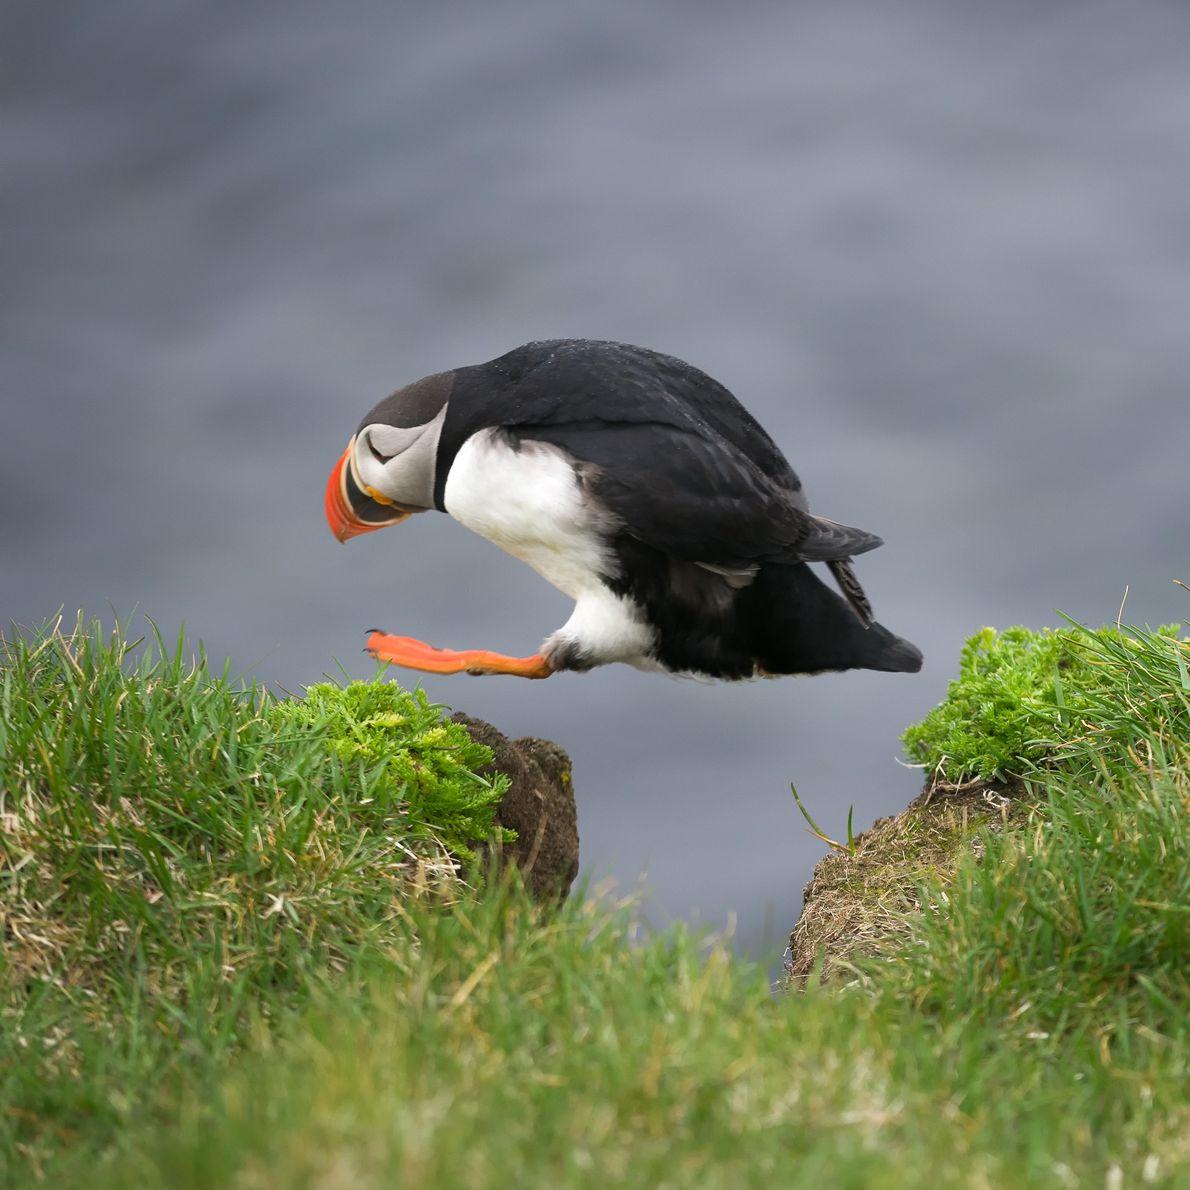 papagaio-do-mar salta sobre um buraco